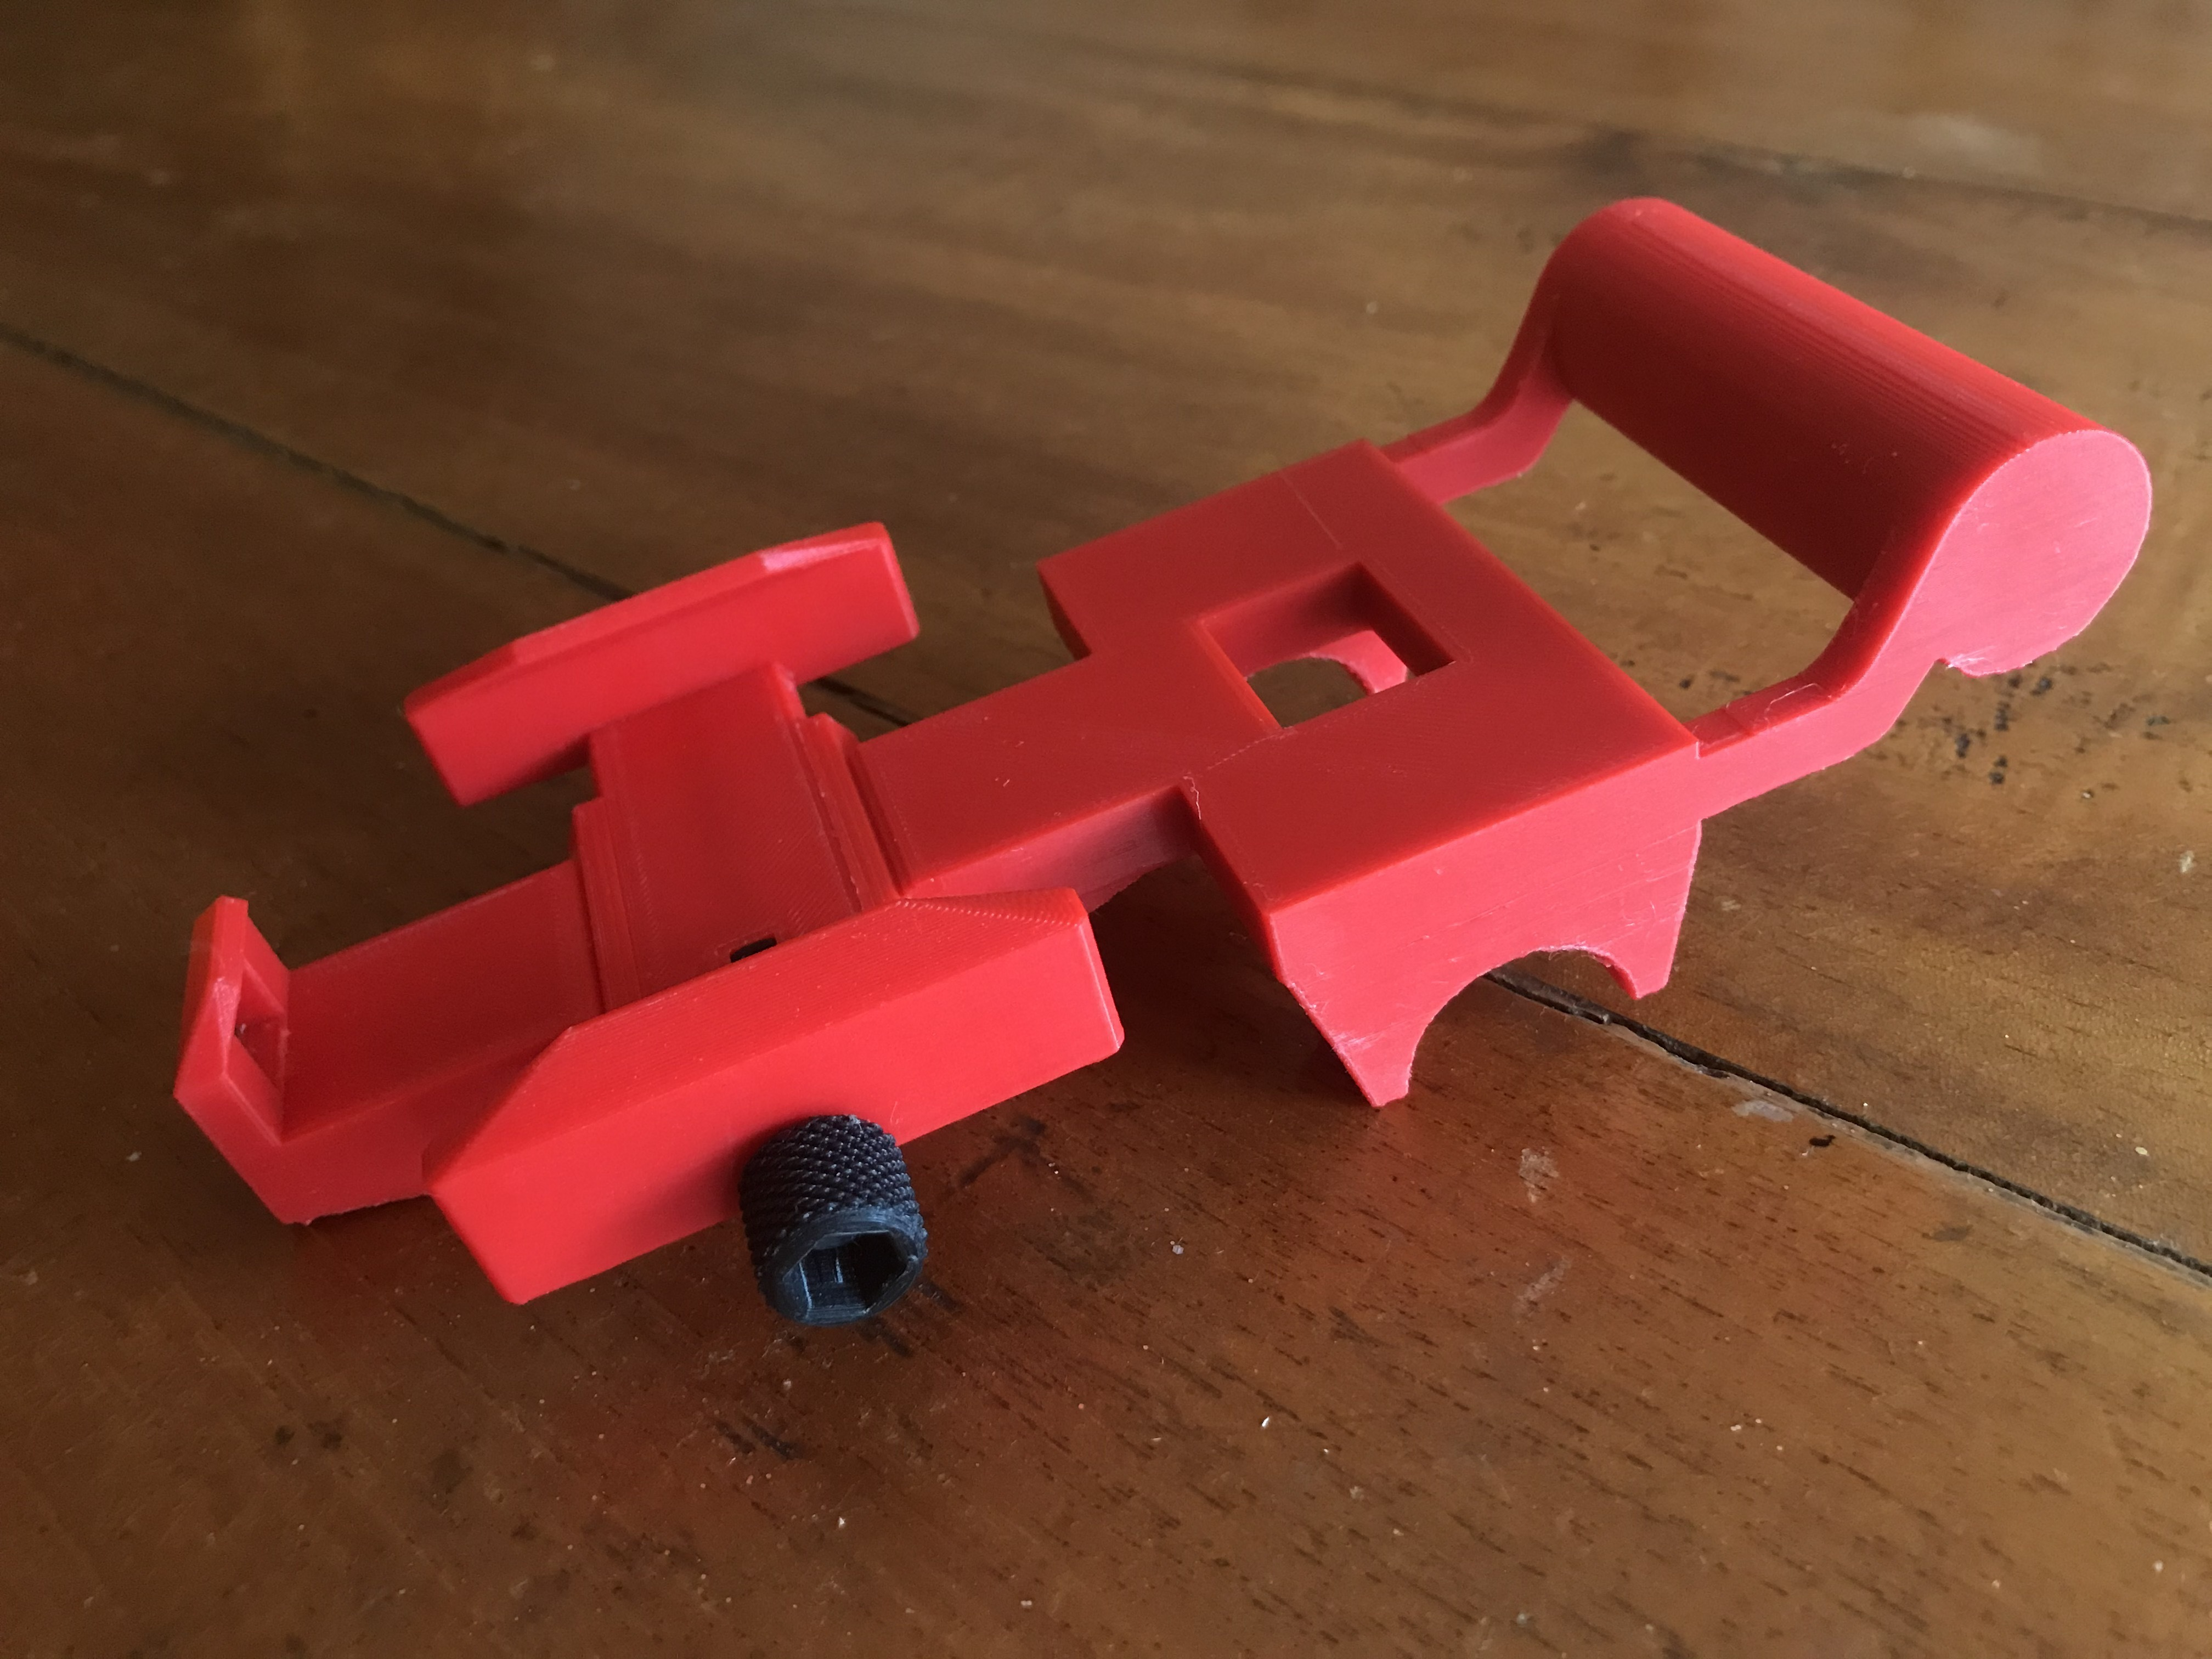 IMG_0547.jpg Download free STL file Phone and Lamp Holder • Design to 3D print, atadek2